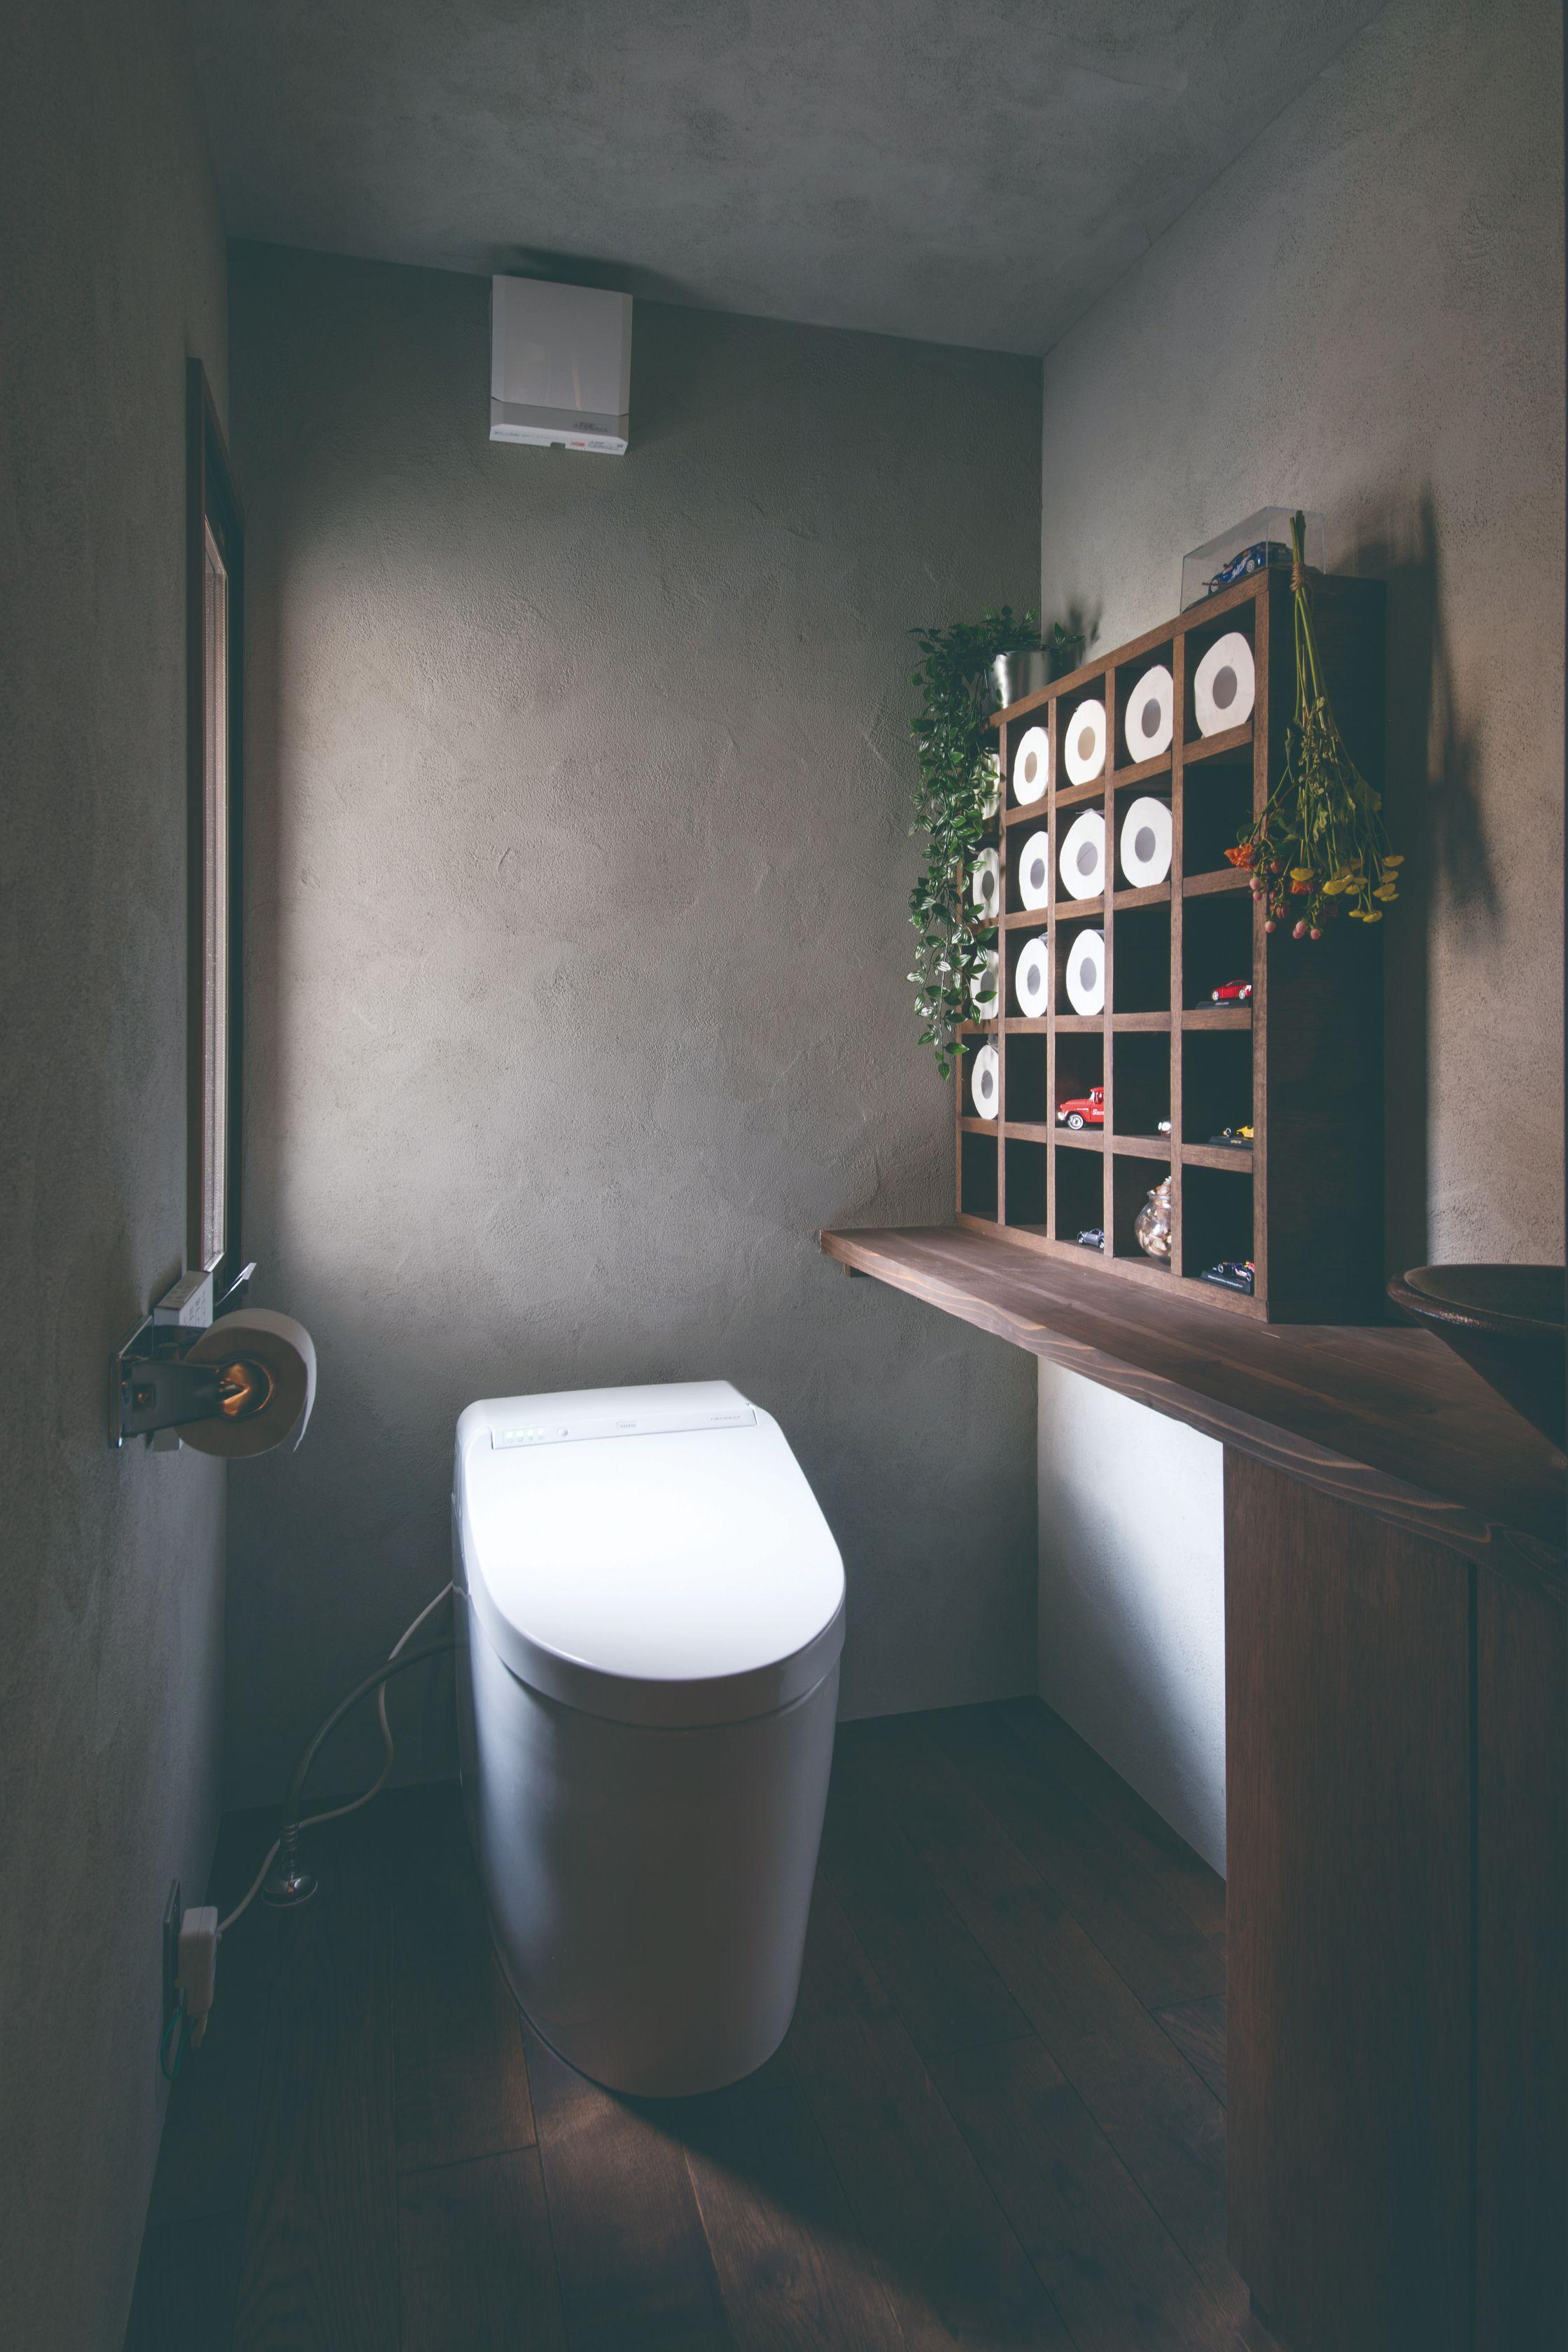 インダストリアルな質感がたまらないトイレに、やわらかな光が射し込む